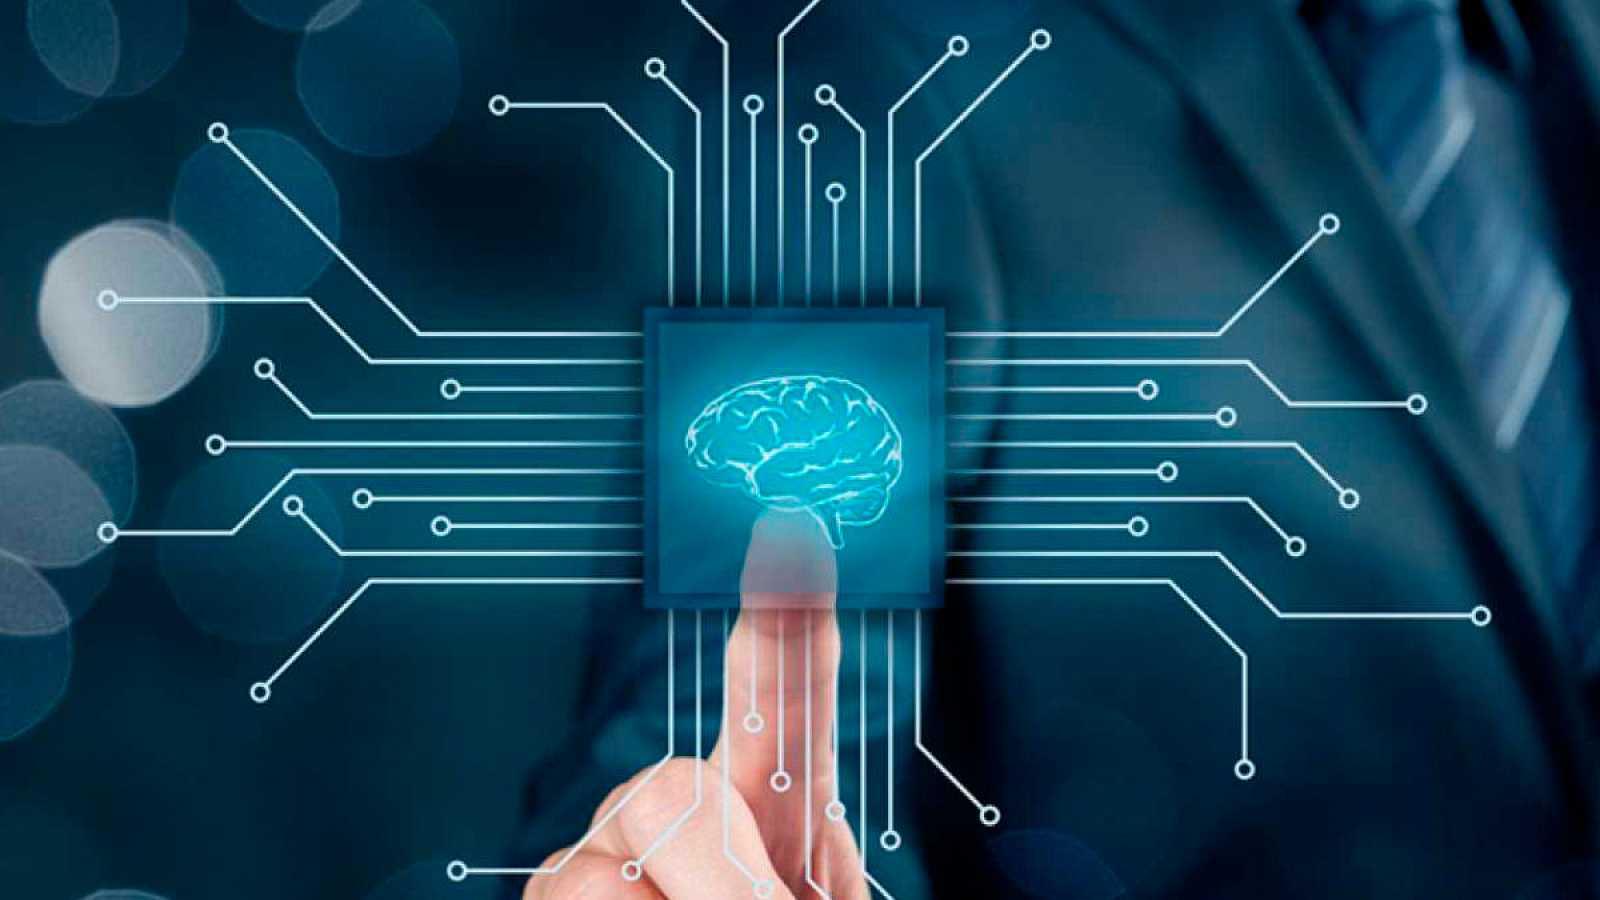 ¡Increible! Descubren un algoritmo para detectar Alzheimer escuchando la voz